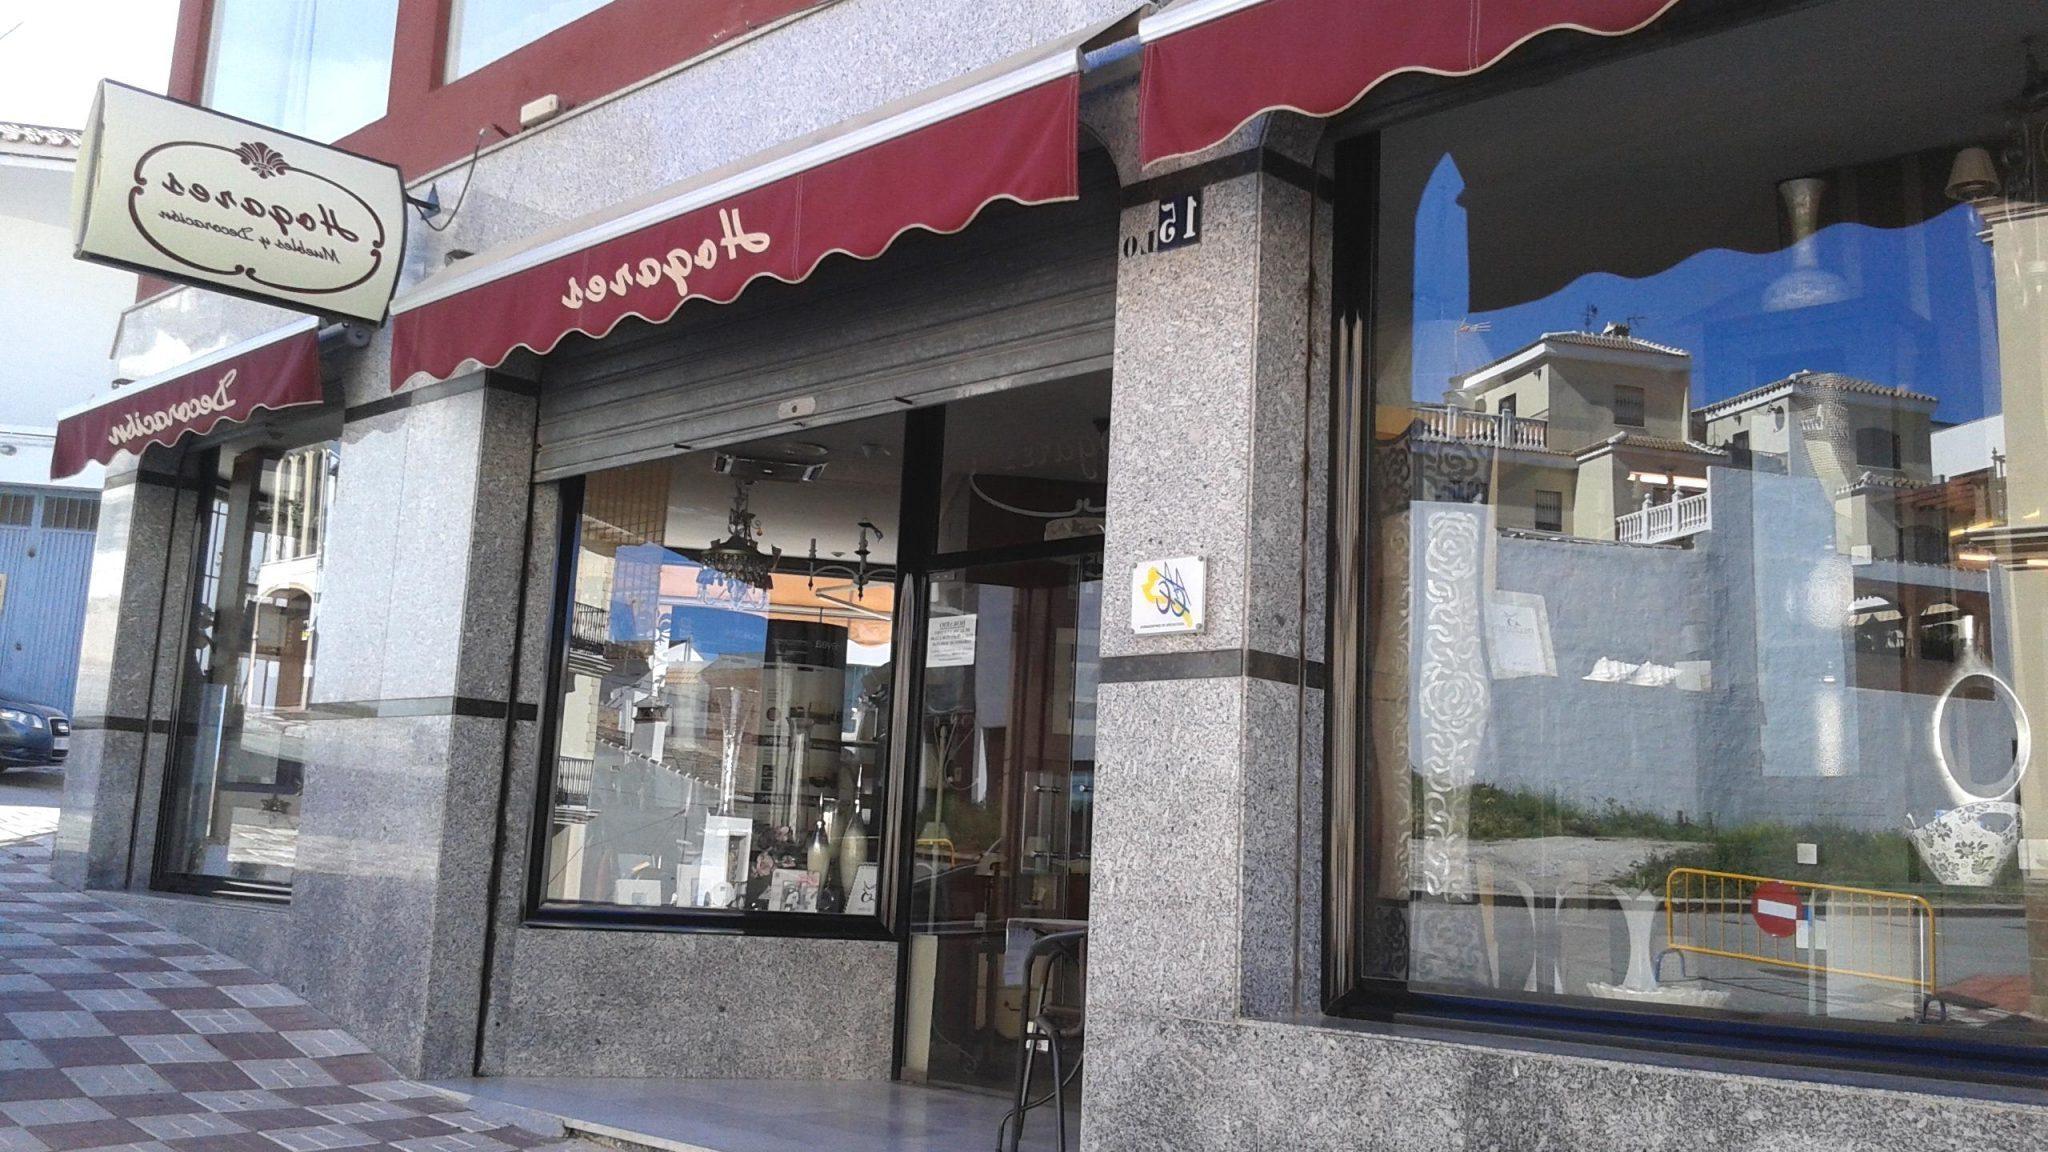 Tiendas De Muebles En Malaga En Liquidacion Zwd9 Liquidacion Muebles ...